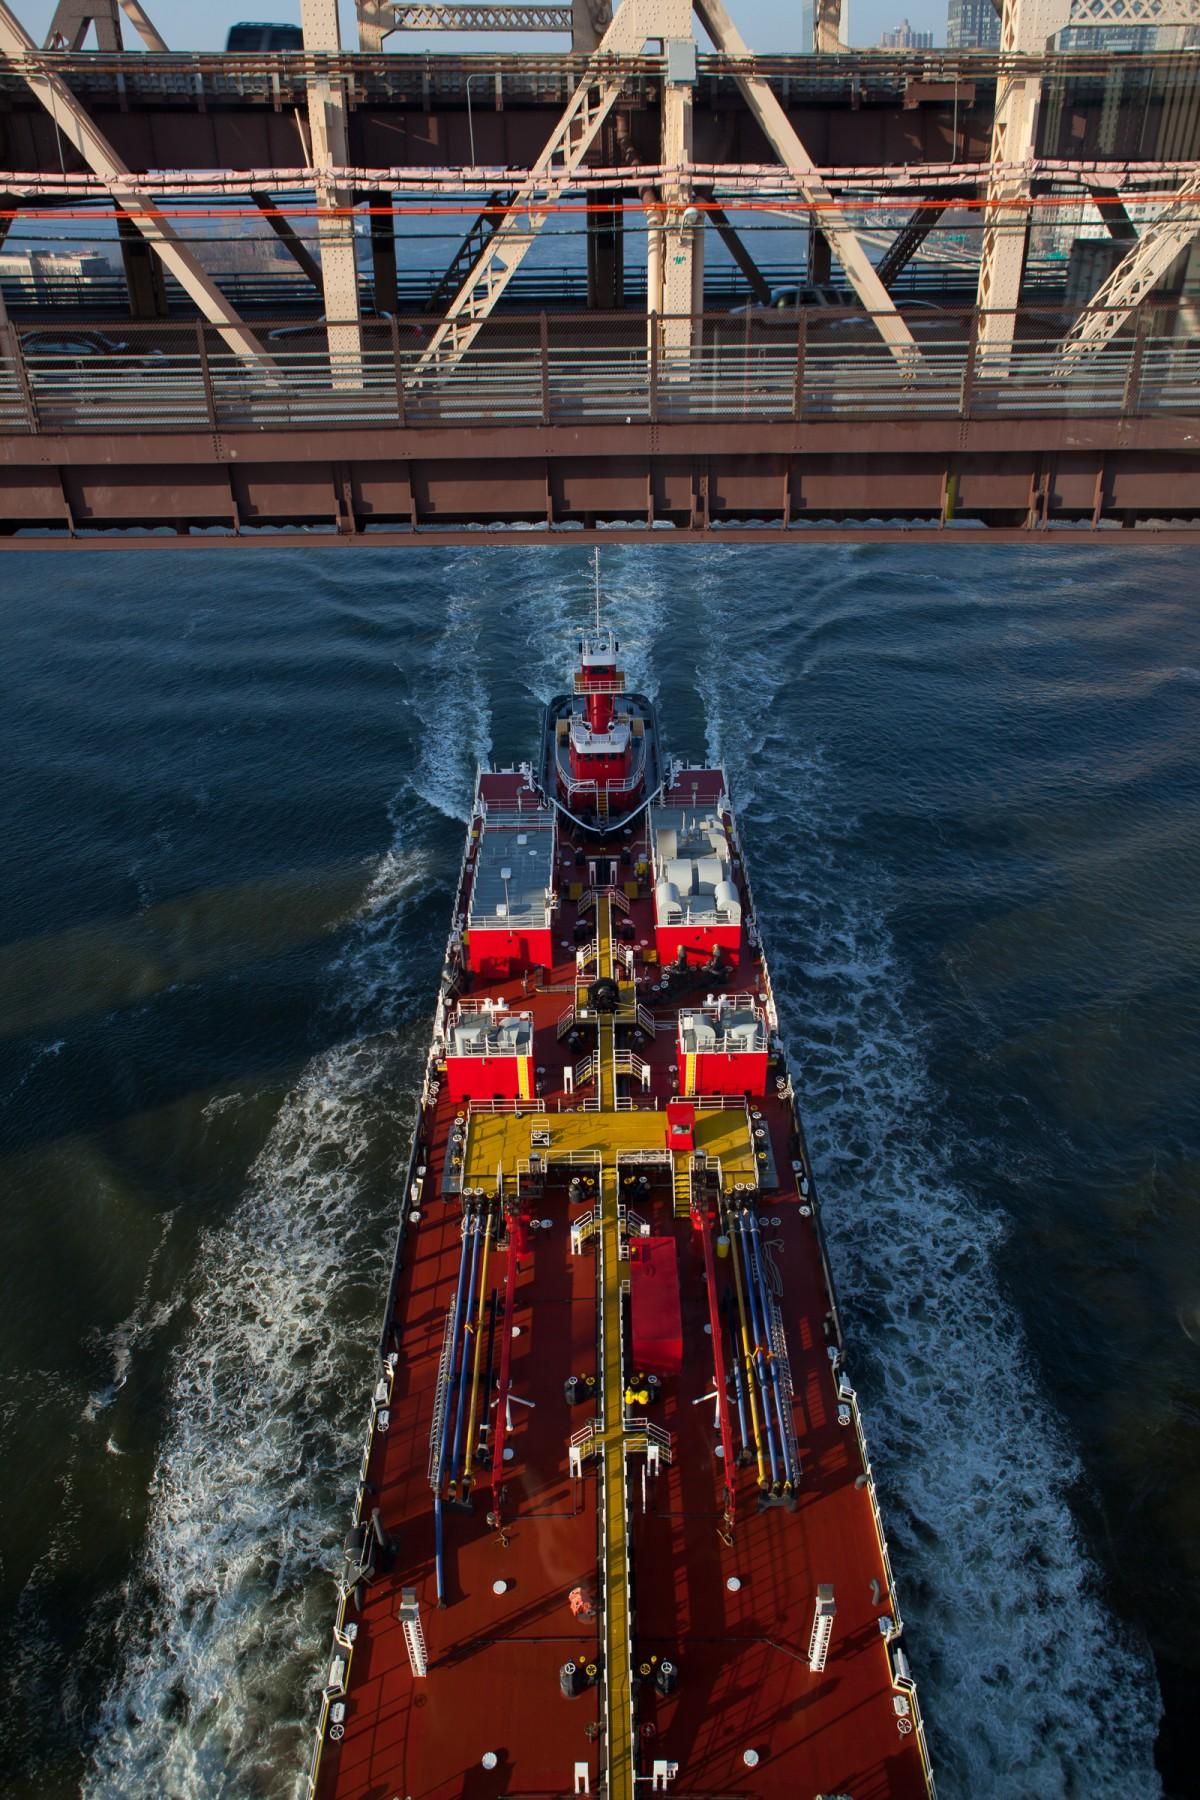 Tanker passing under the Queensboro Bridge